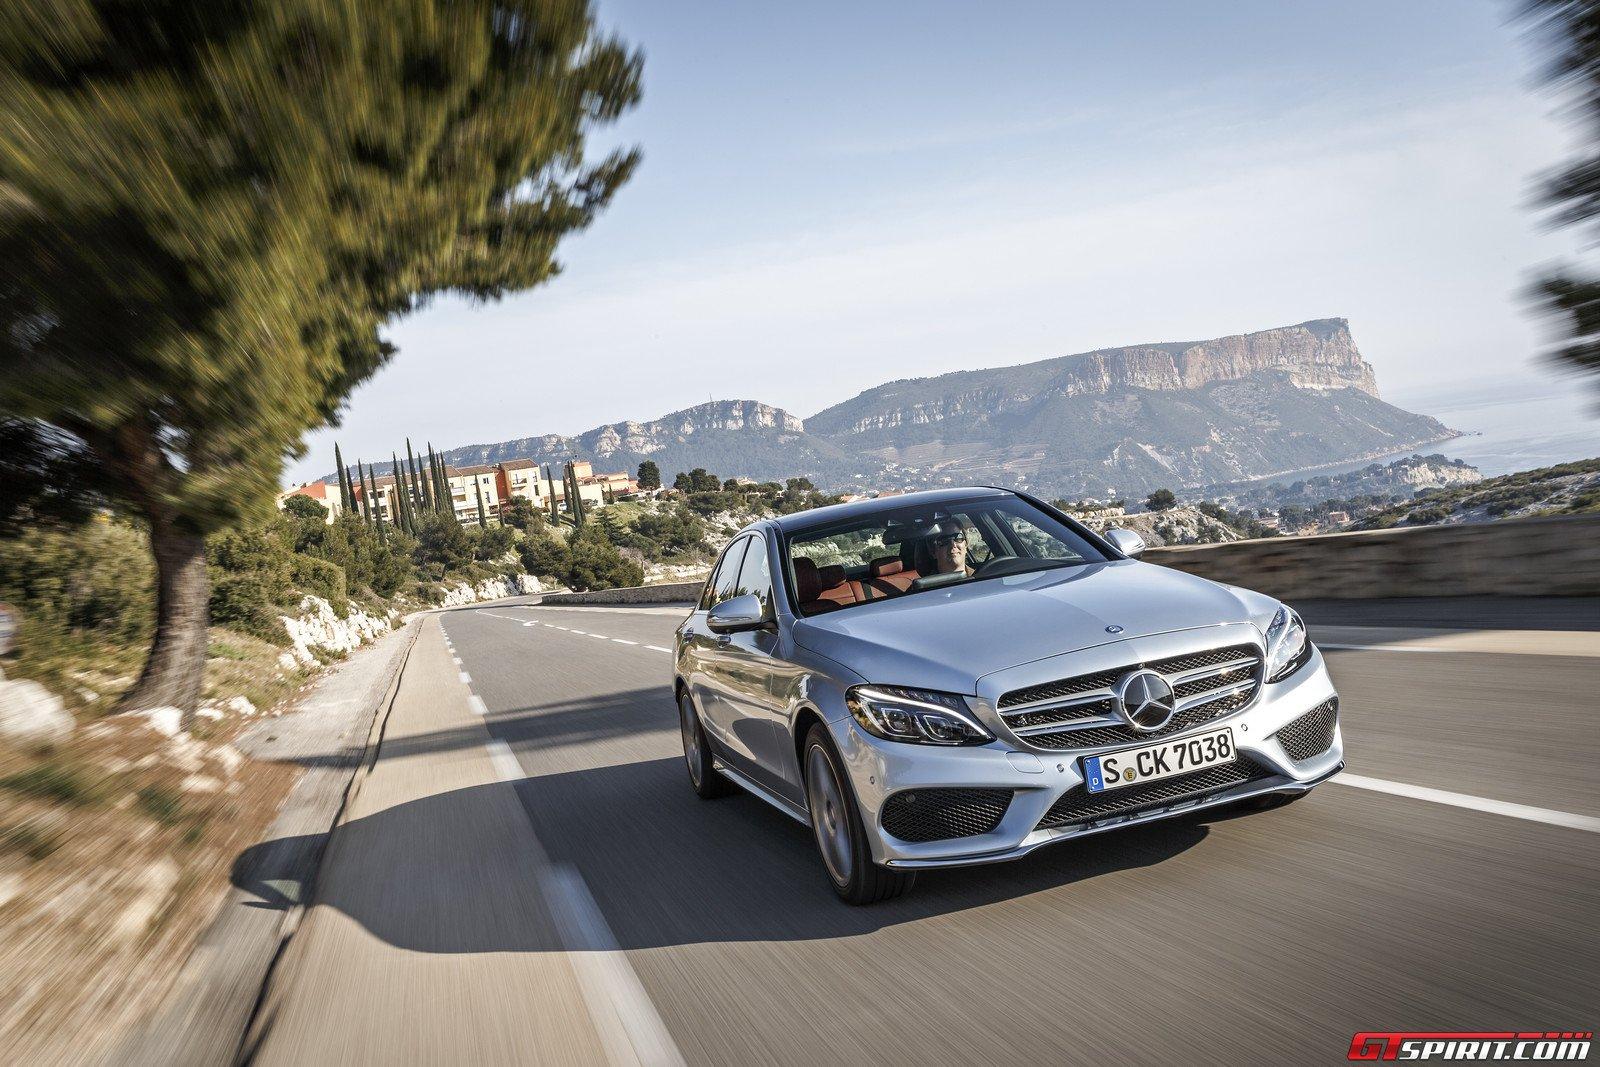 2015 mercedes benz c class review gtspirit for Mercedes benz france